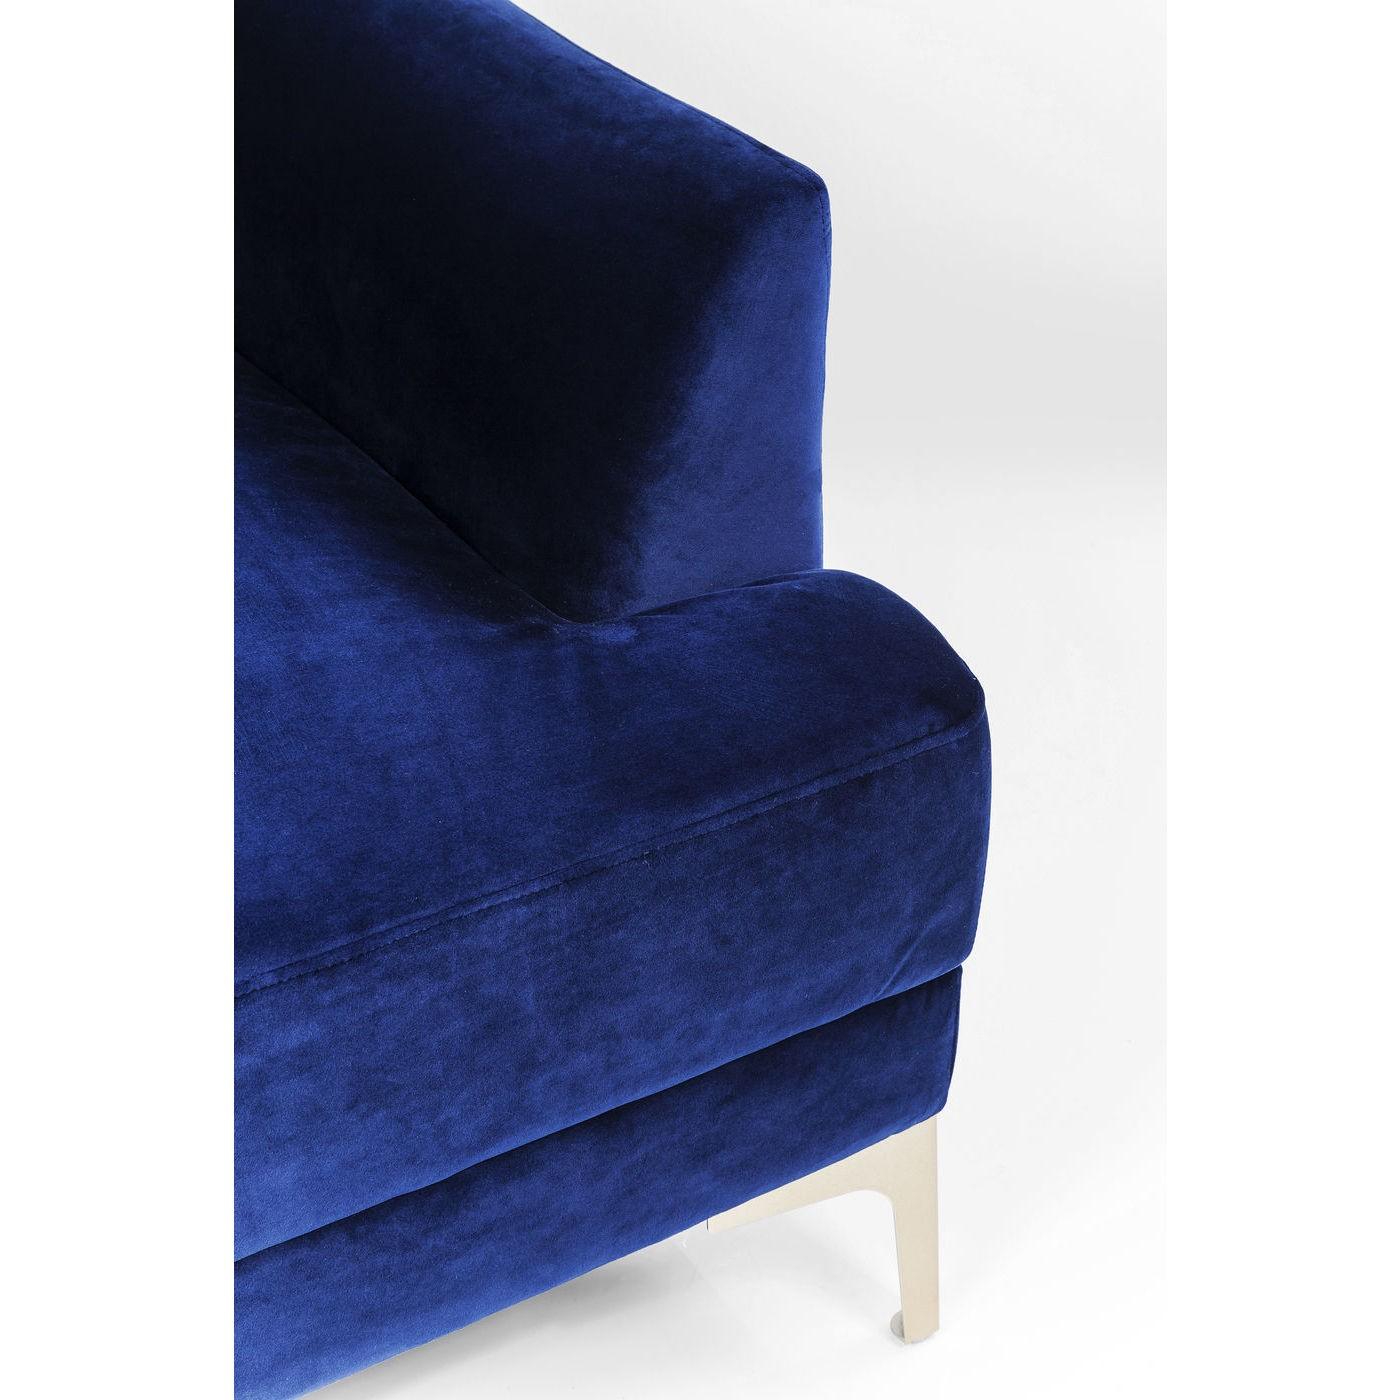 Canapé Proud 3 places velours bleu roi Kare Design